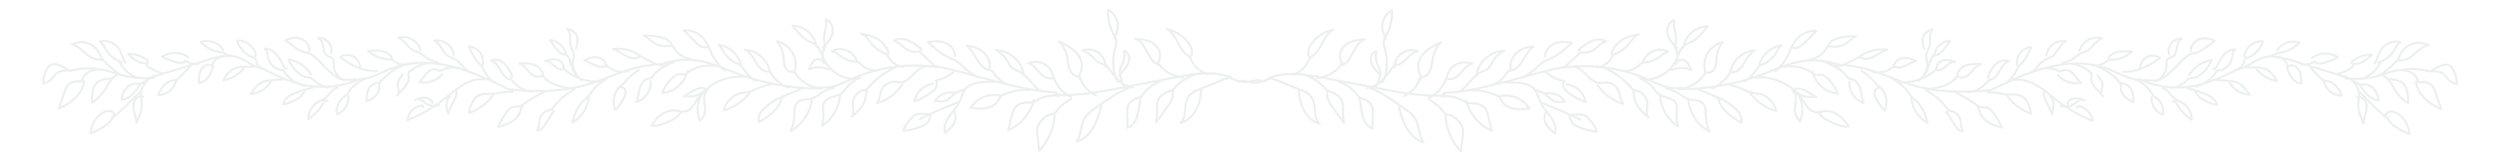 Website_Graphics-05.jpg